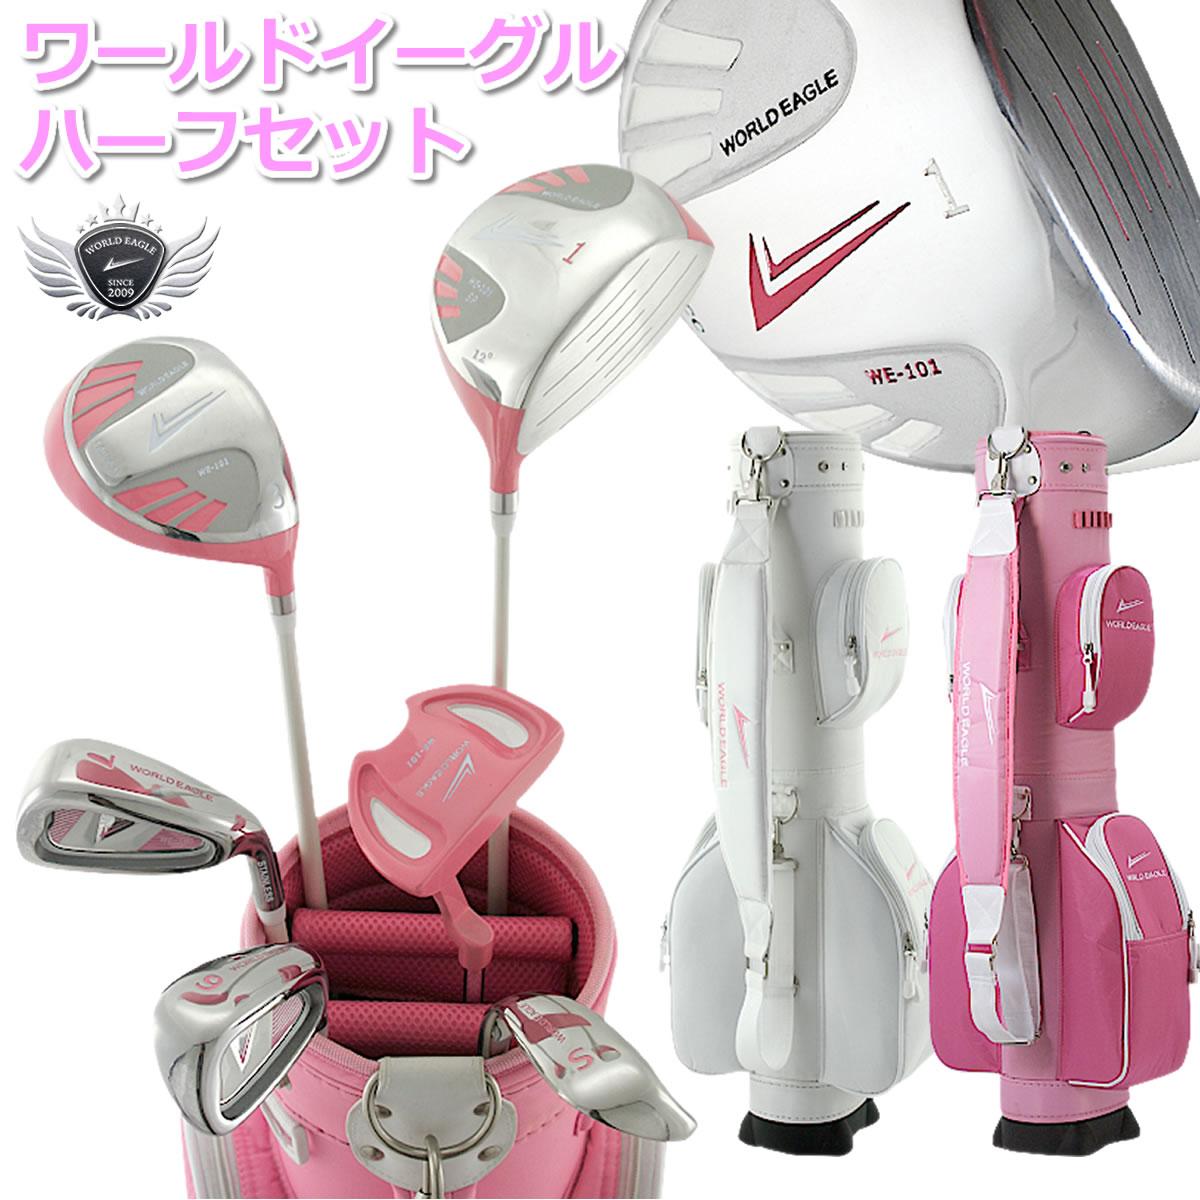 ワールドイーグル 101 レディース 8点ハーフゴルフクラブセット ホワイト/ピンク【初心者 初級者 ビギナー】【ssclst】【あす楽】